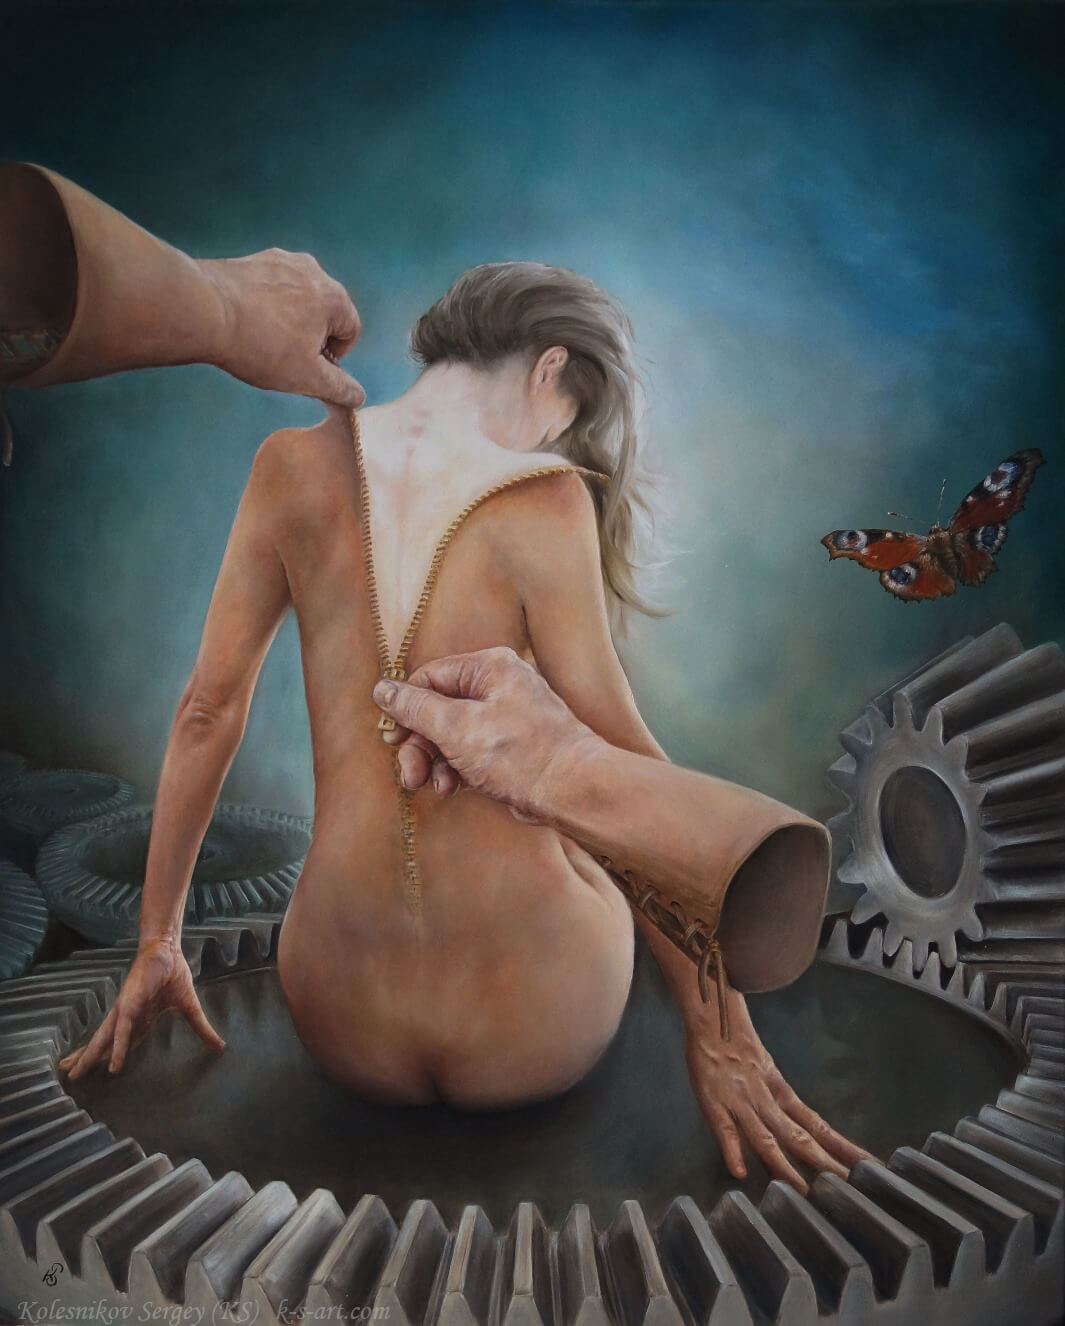 КАТАРСИС - картина, художник Сергей Колесников (KS), холст, масло, 2017 год. Живопись в стиле - интегральный реализм.